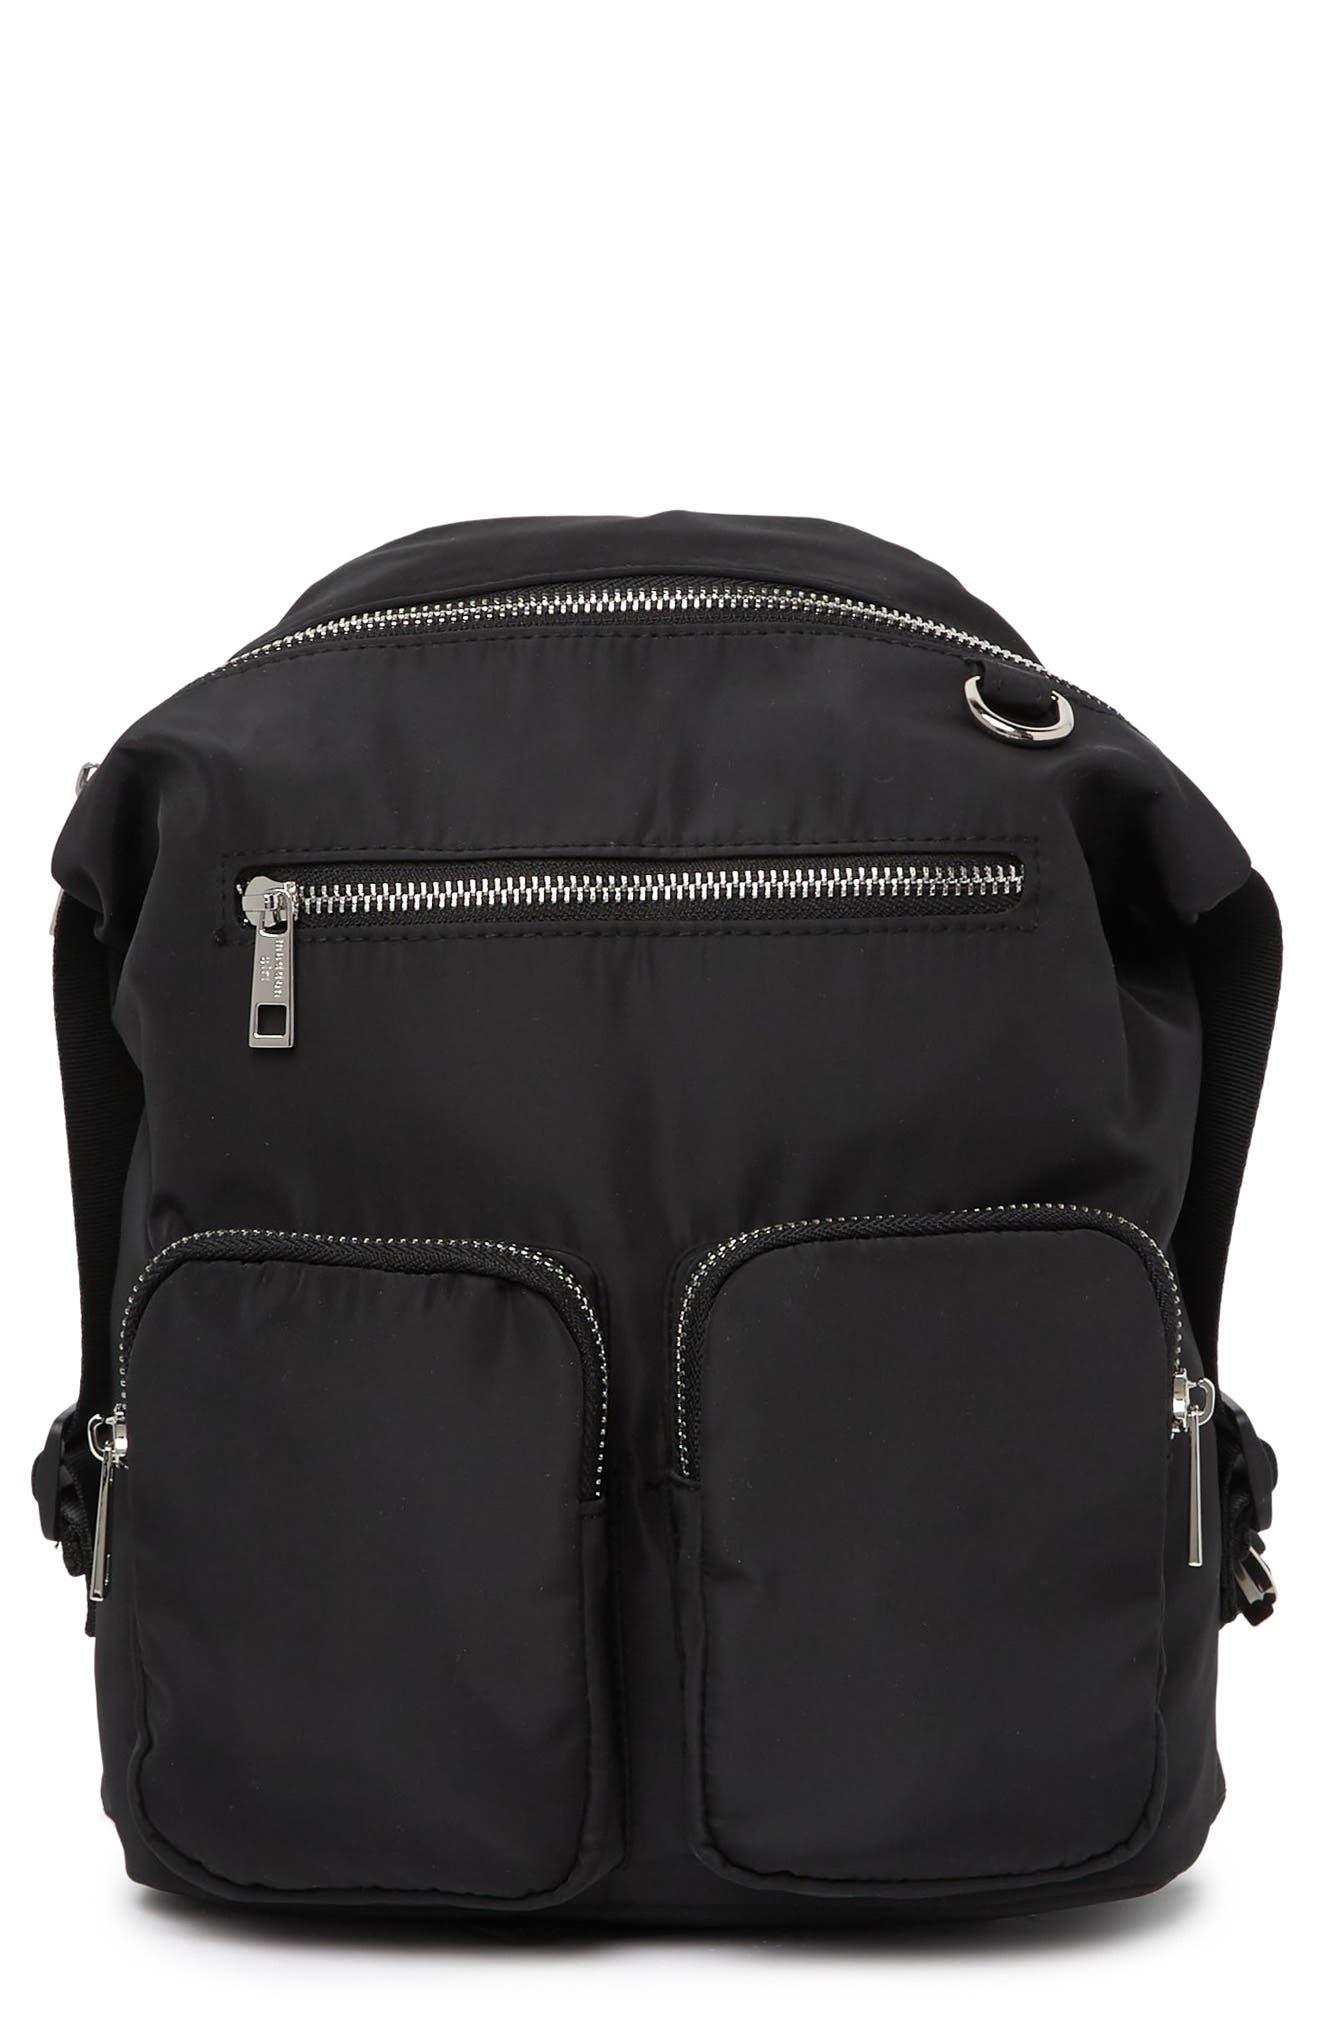 Image of Madden Girl Neoprene Backpack